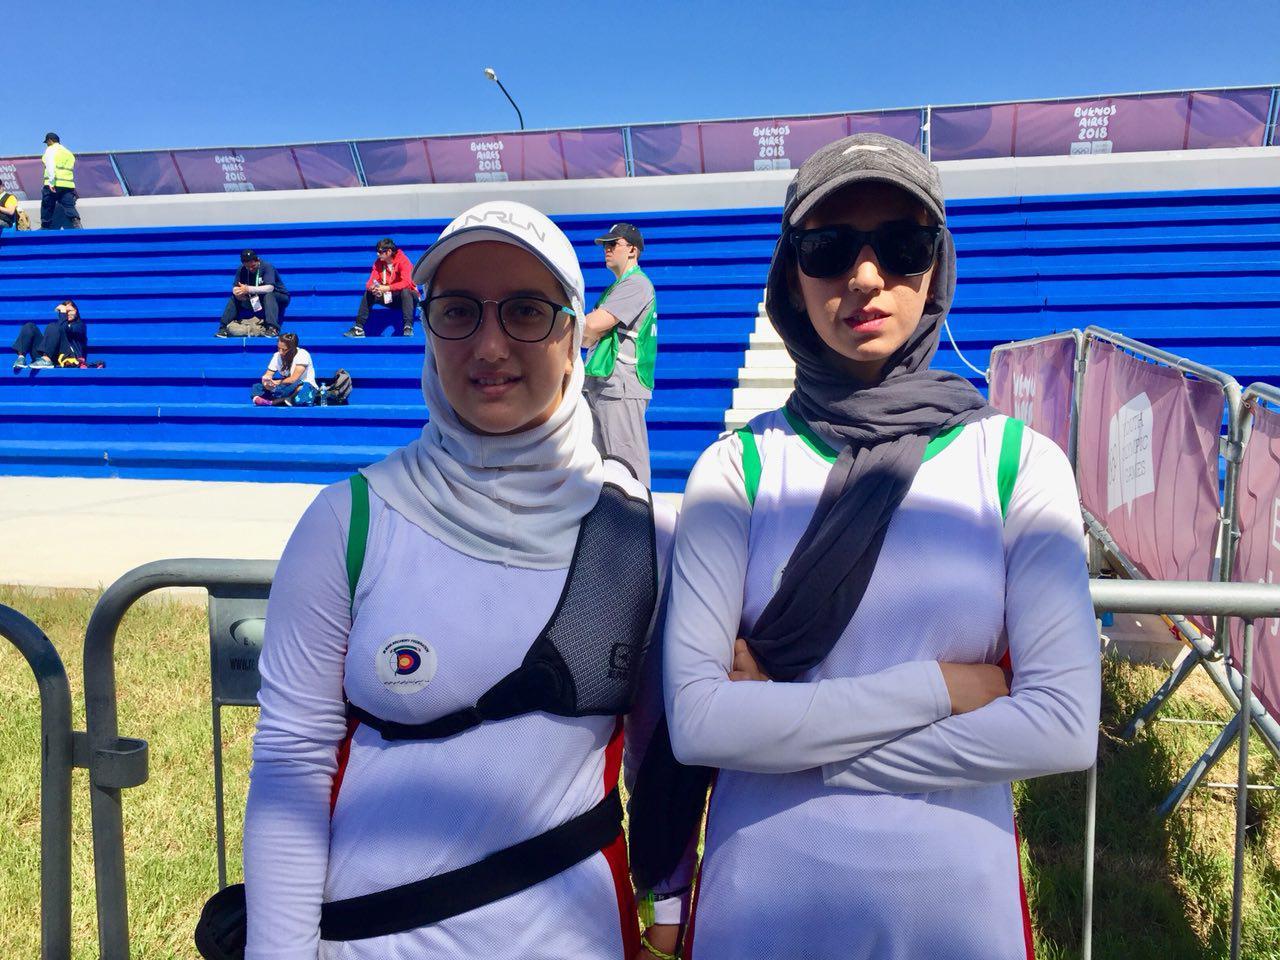 المپیک جوانان / پایان کار سوگند رحمانی در تیراندازی با کمان